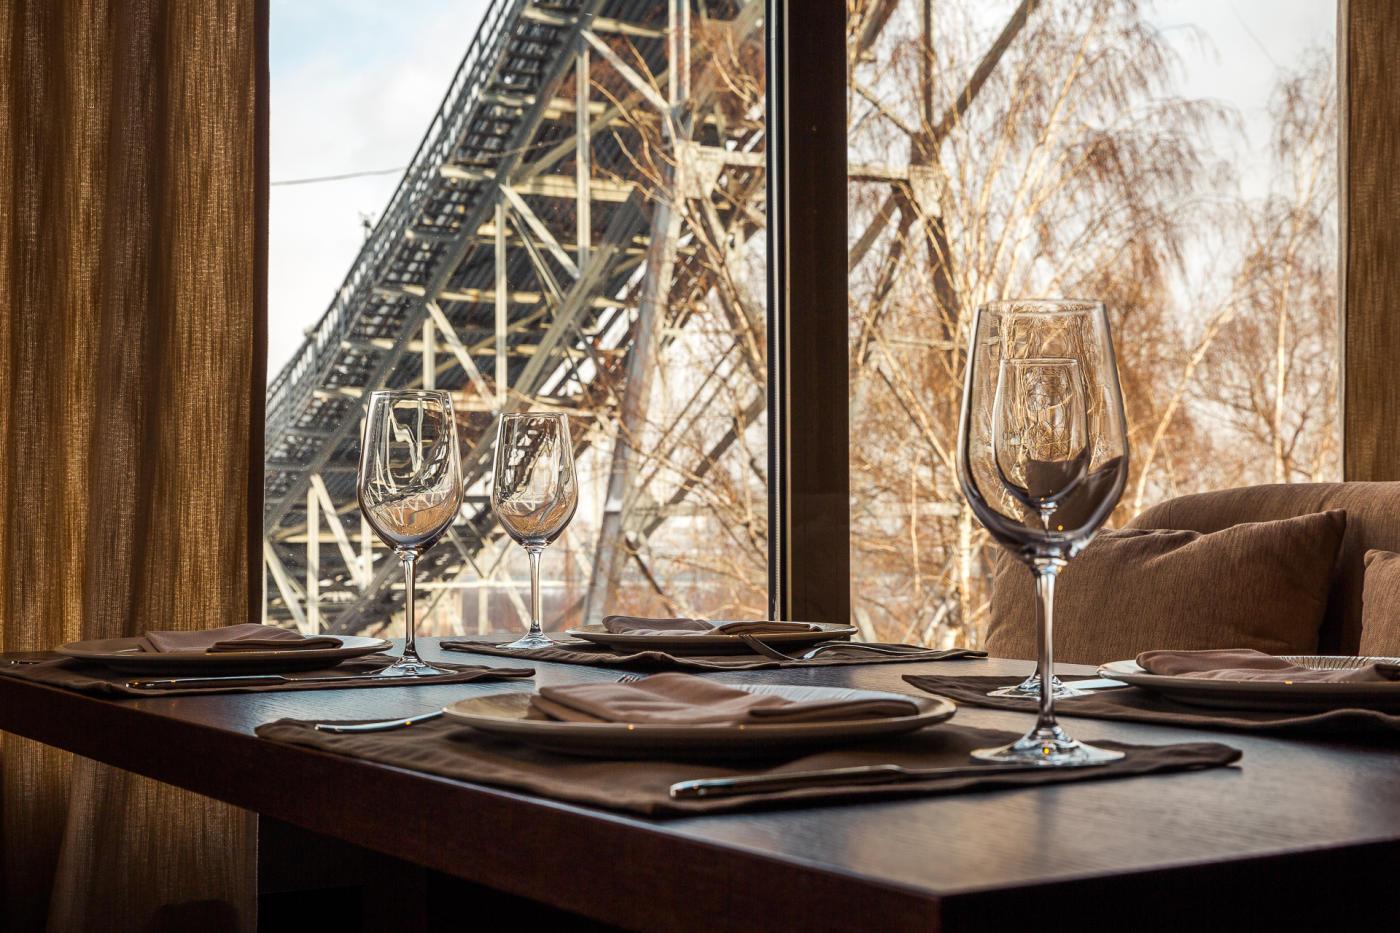 Панорамный Ресторан Трамплин на Воробьевых Горах фото 25